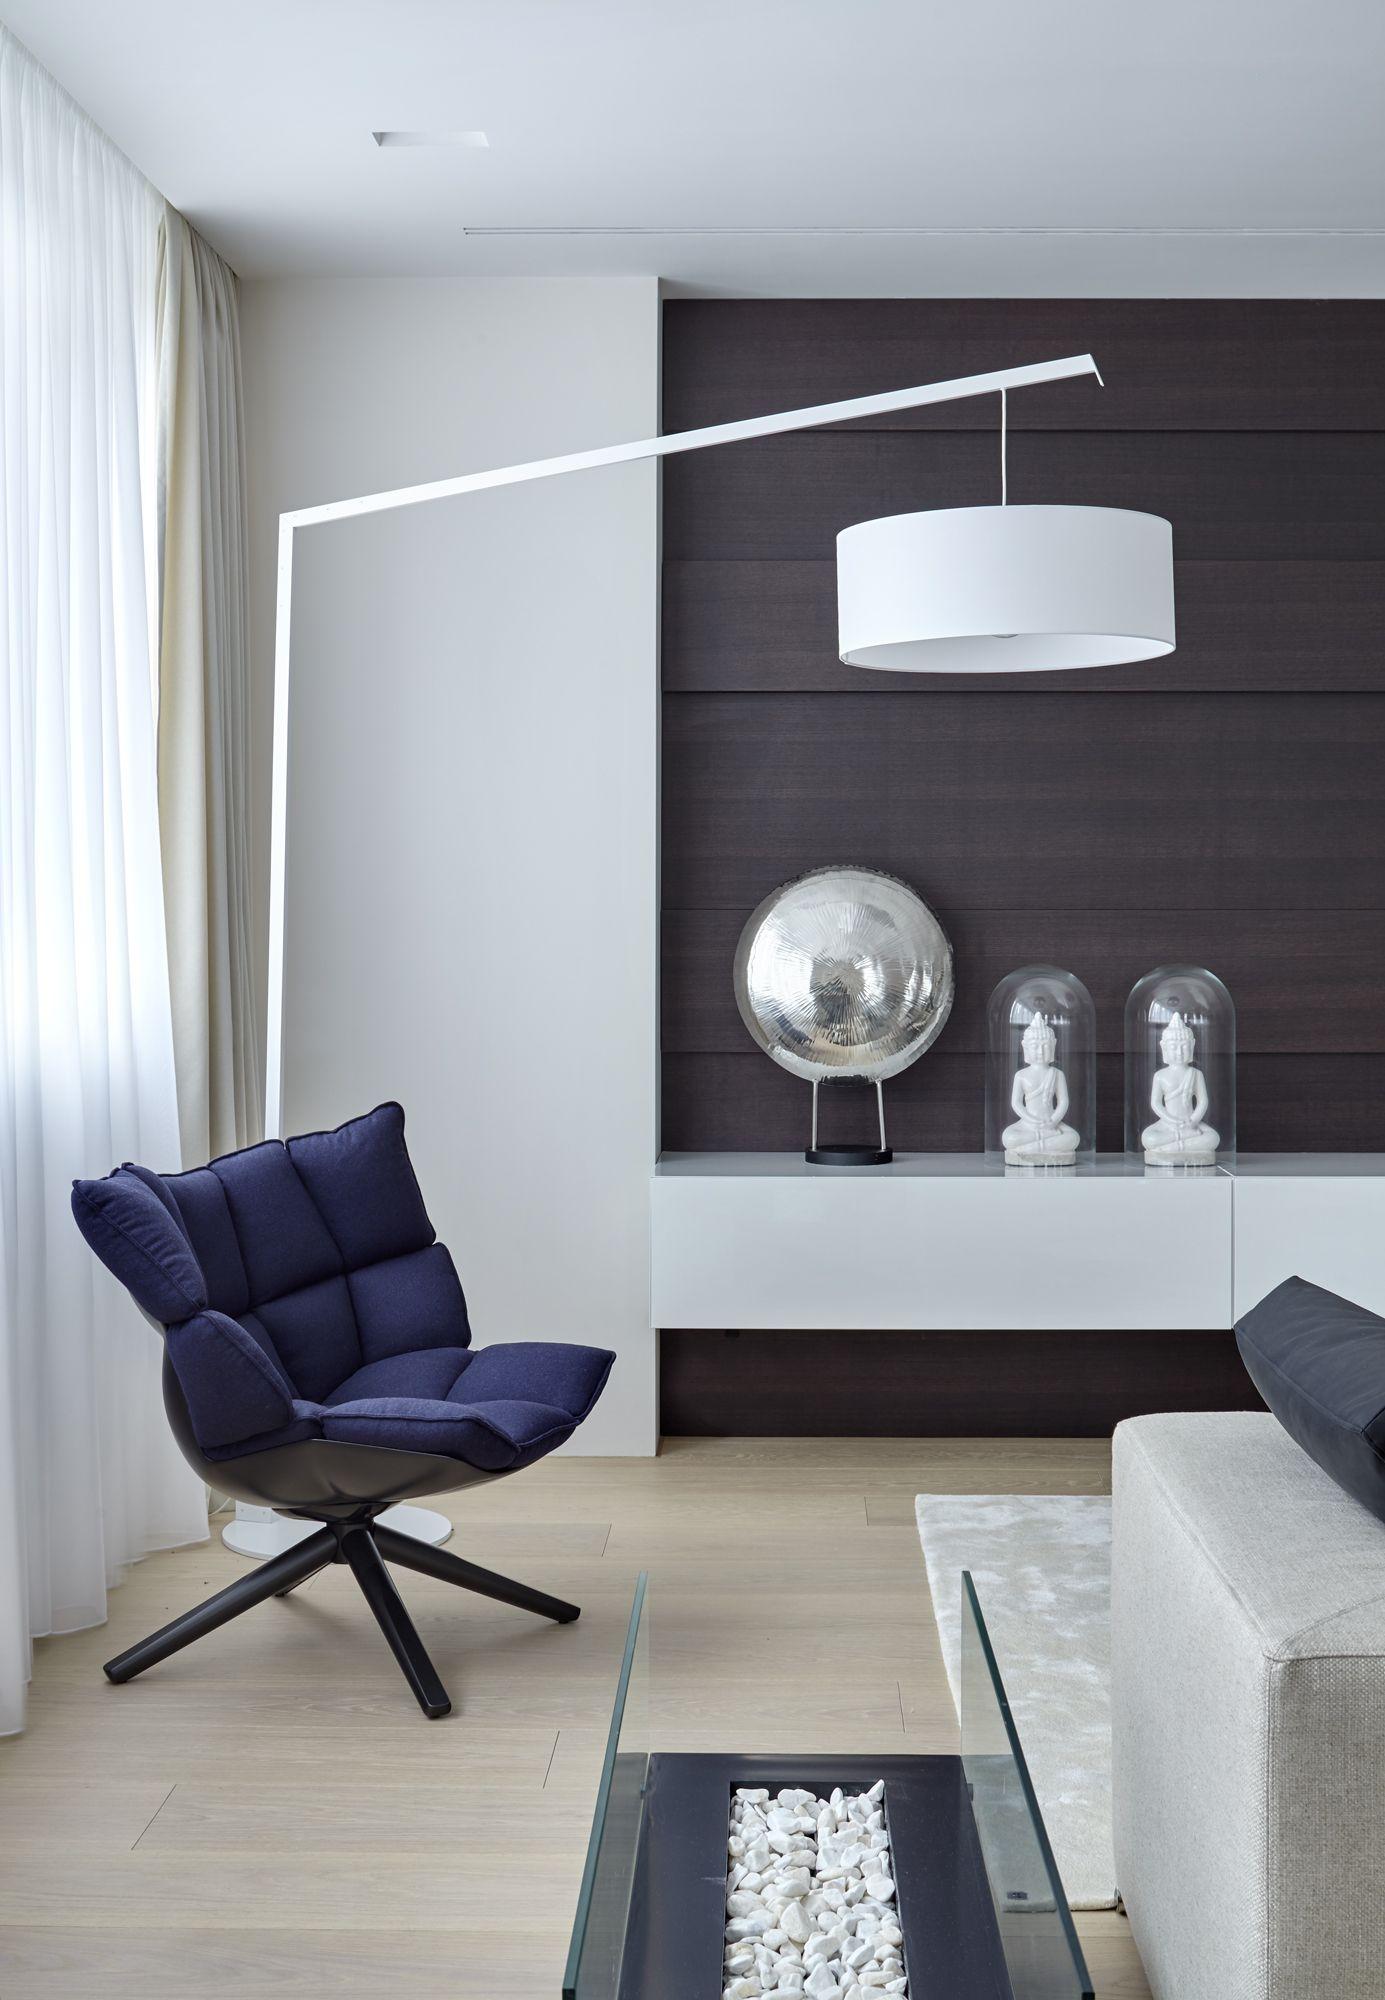 Composizione Con Tavolino Flexo By Gruppo Tomasella Design  # Muebles Sedutti